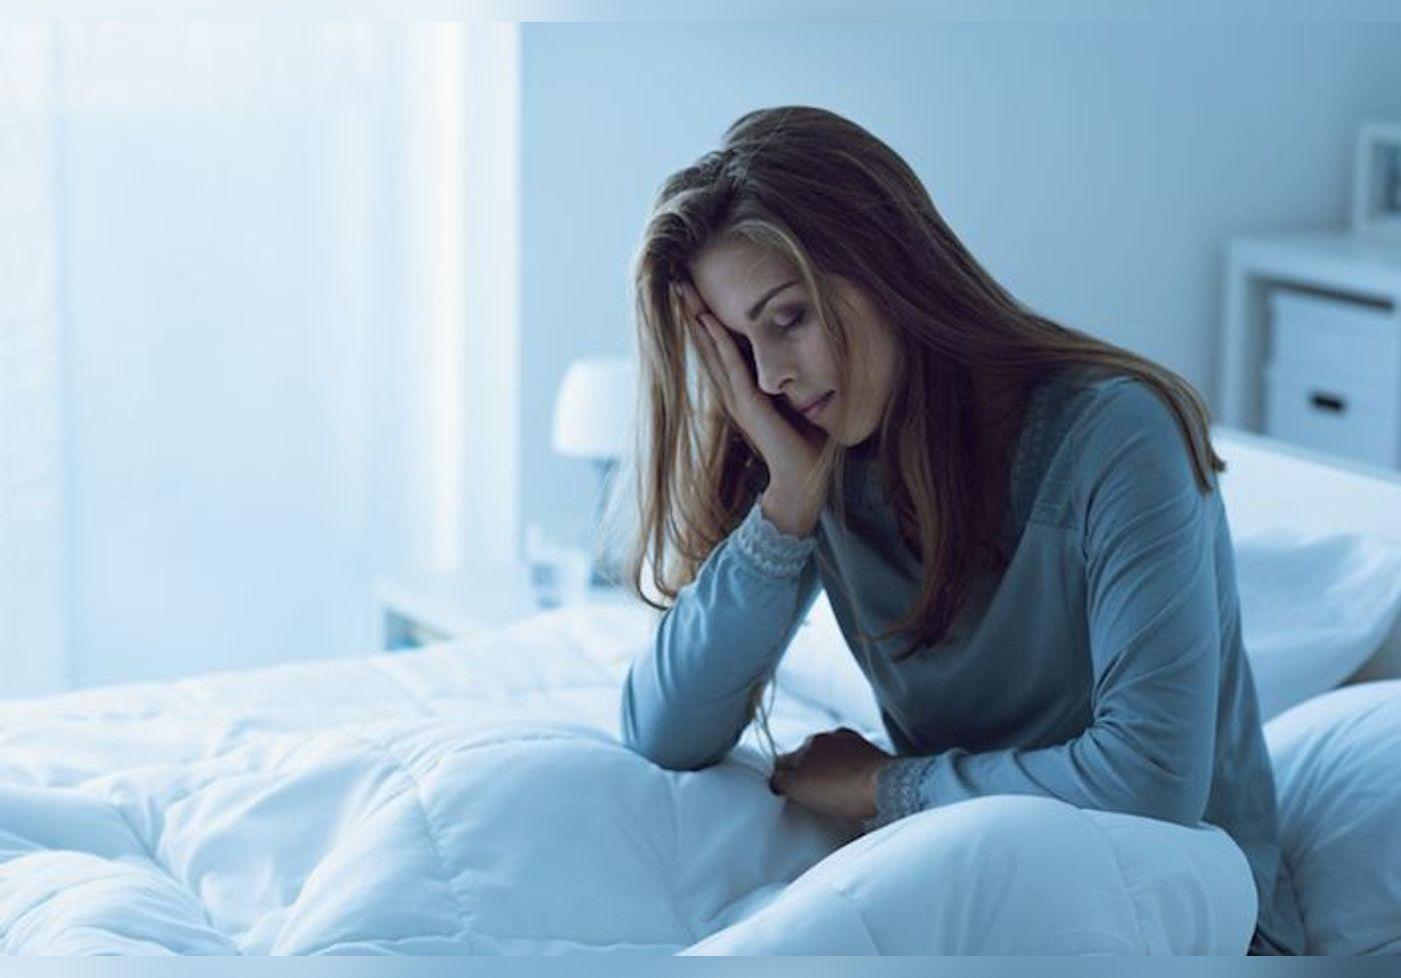 Vous avez du mal à dormir ? Les Français font de plus en plus d'insomnie